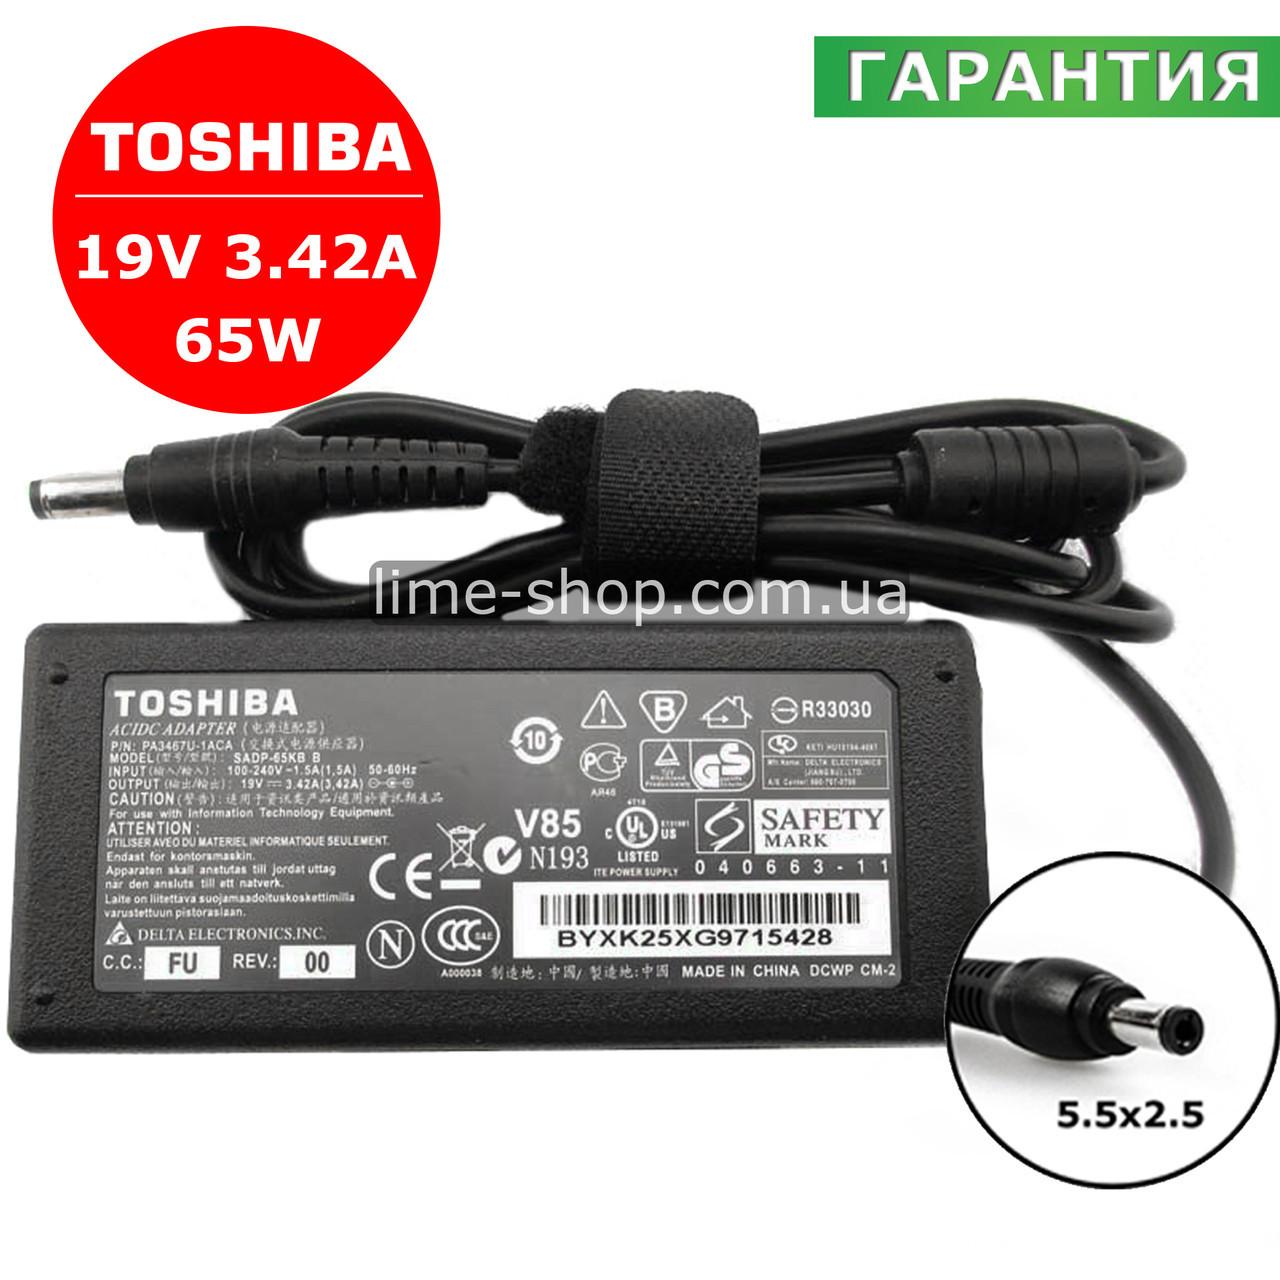 Блок питания Зарядное устройство для ноутбука TOSHIBA  L40 Series, M115, P200D, R840, S200, S50, - Интернет-магазин Lime-shop.com.ua в Днепре